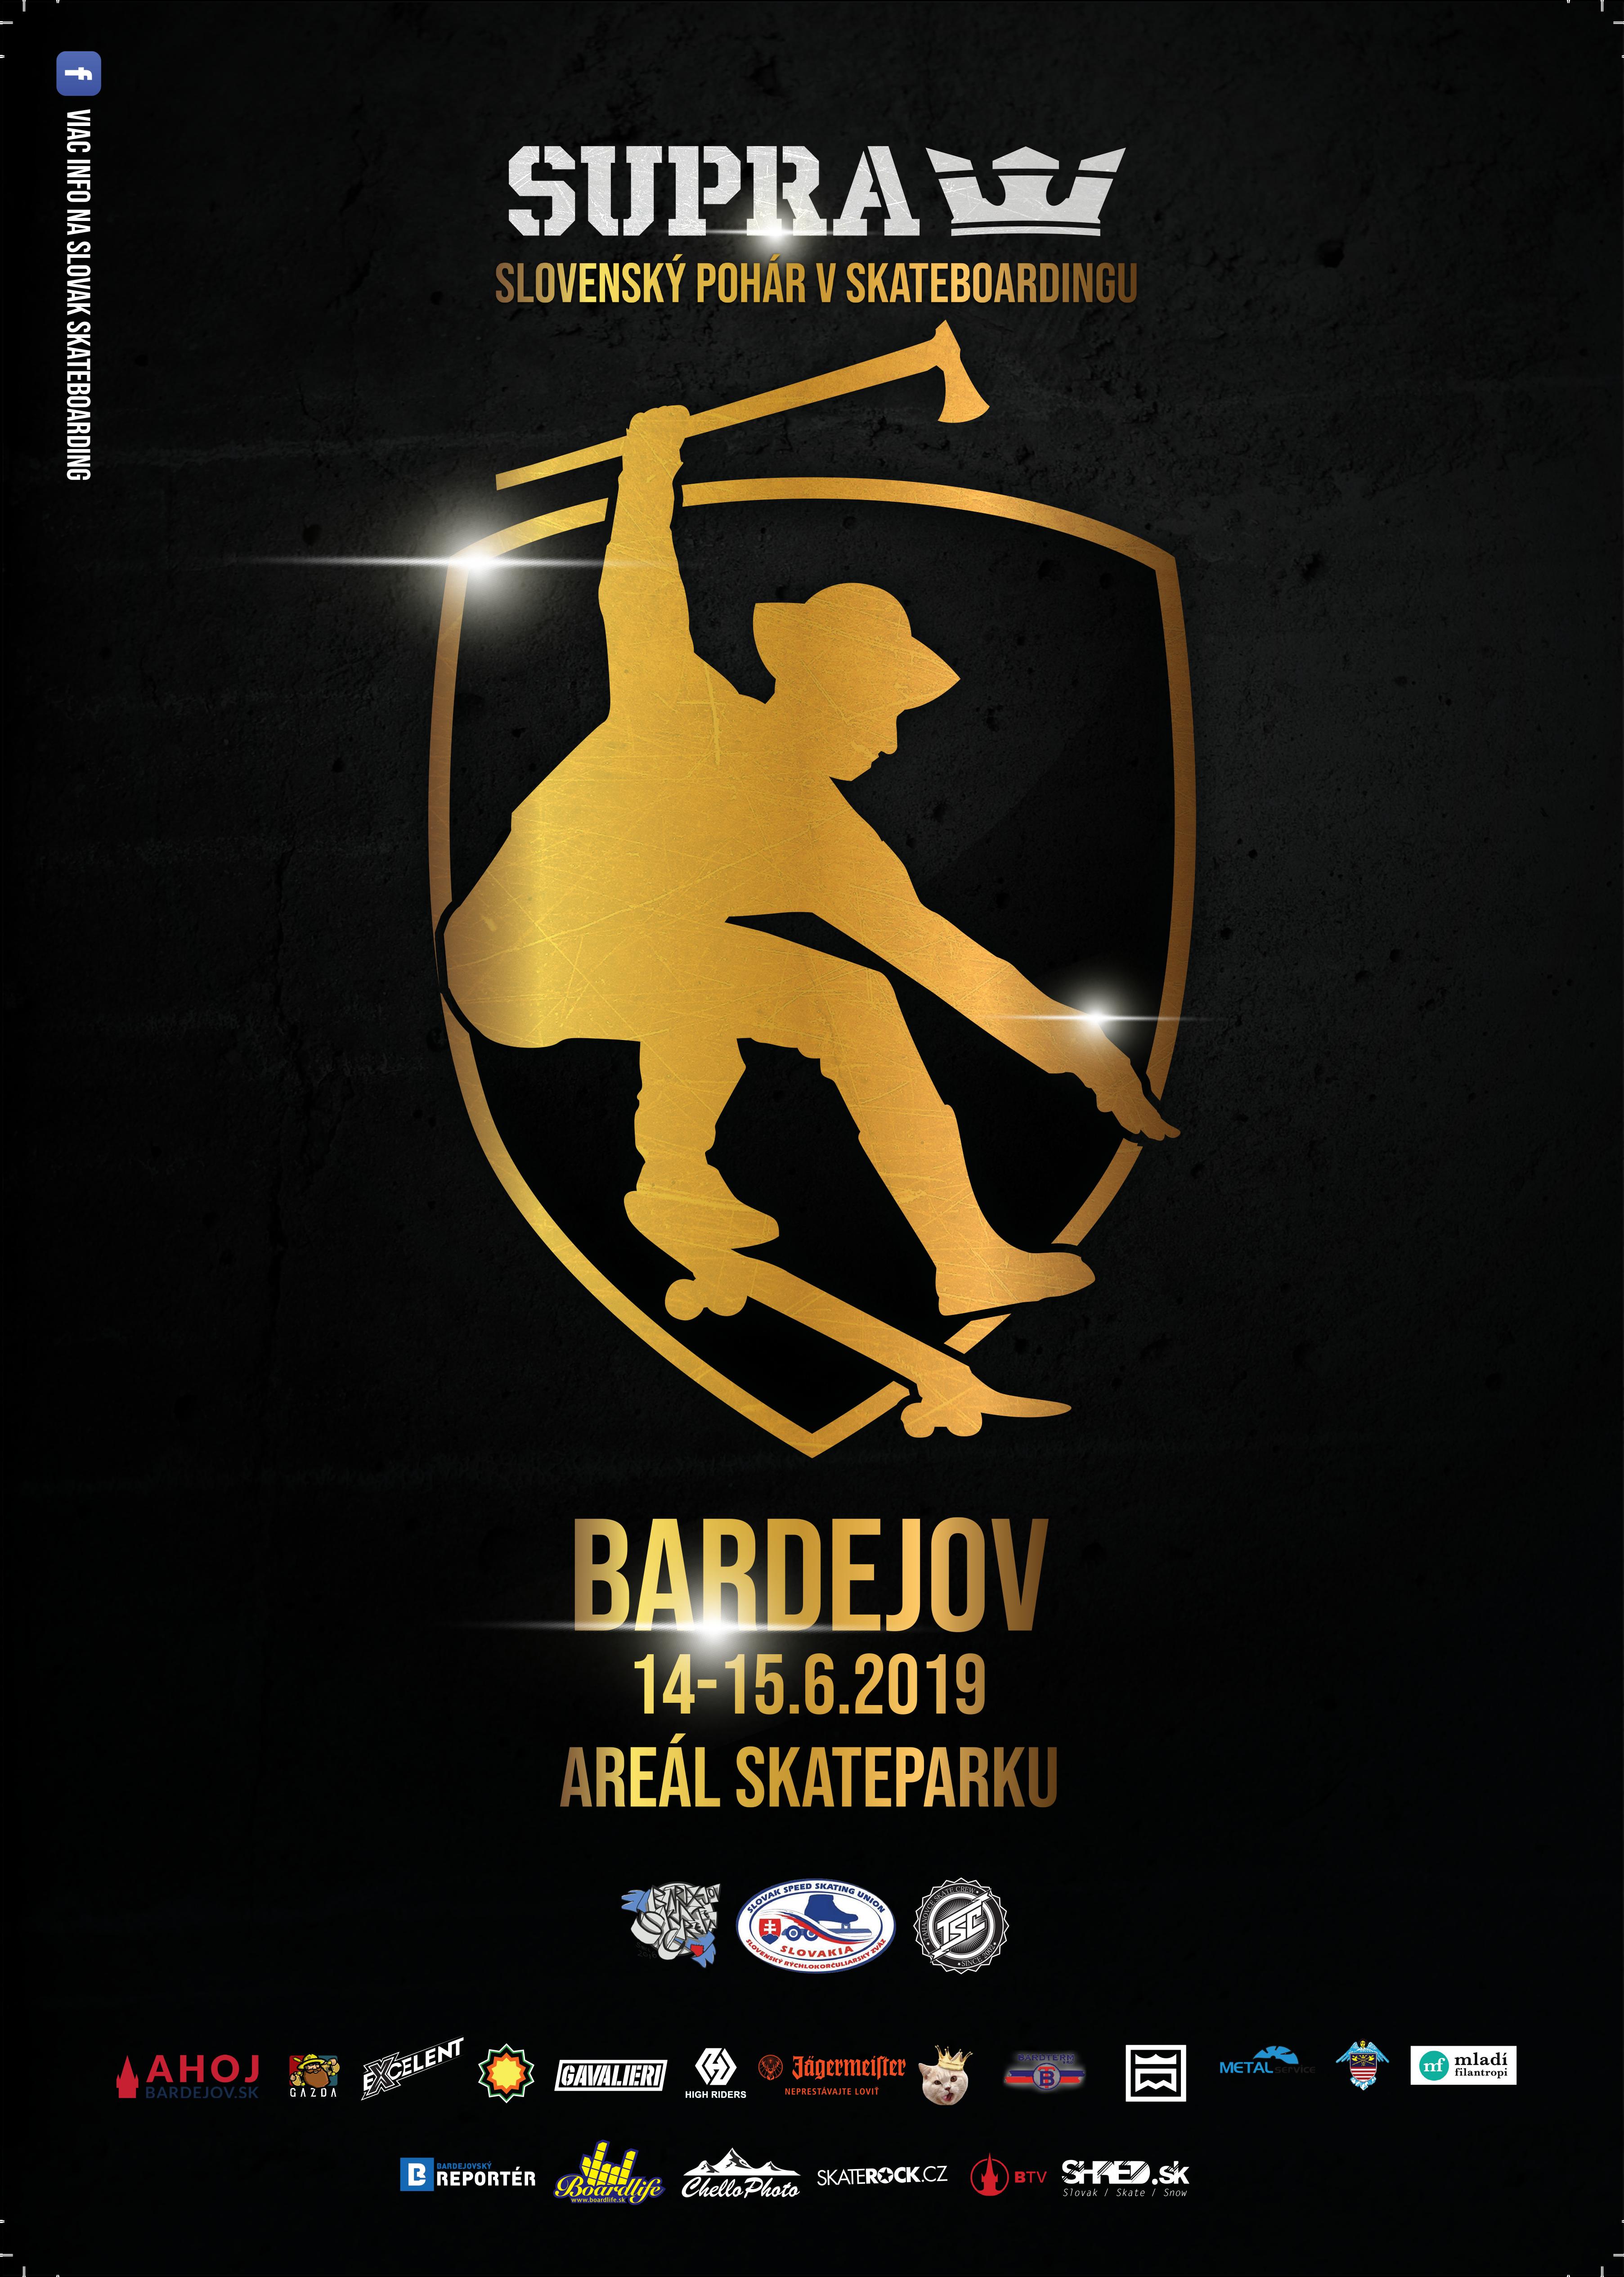 Skateboarding: 1. kola SUPRA Slovenského pohára  2019, 15.6.2019 Bardejov